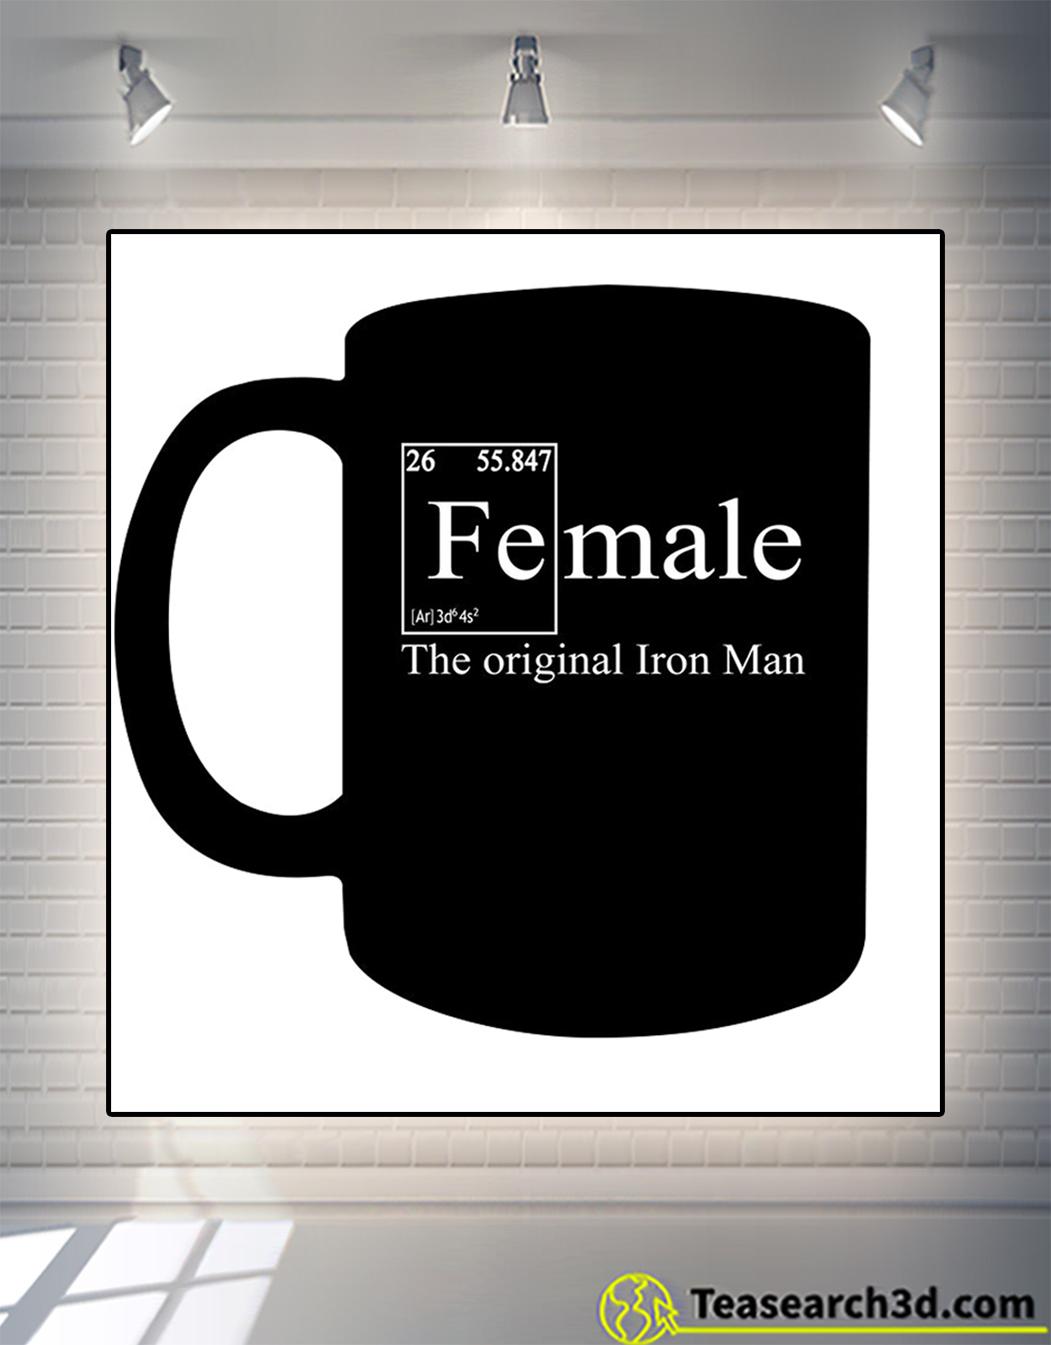 Female the original iron man mug